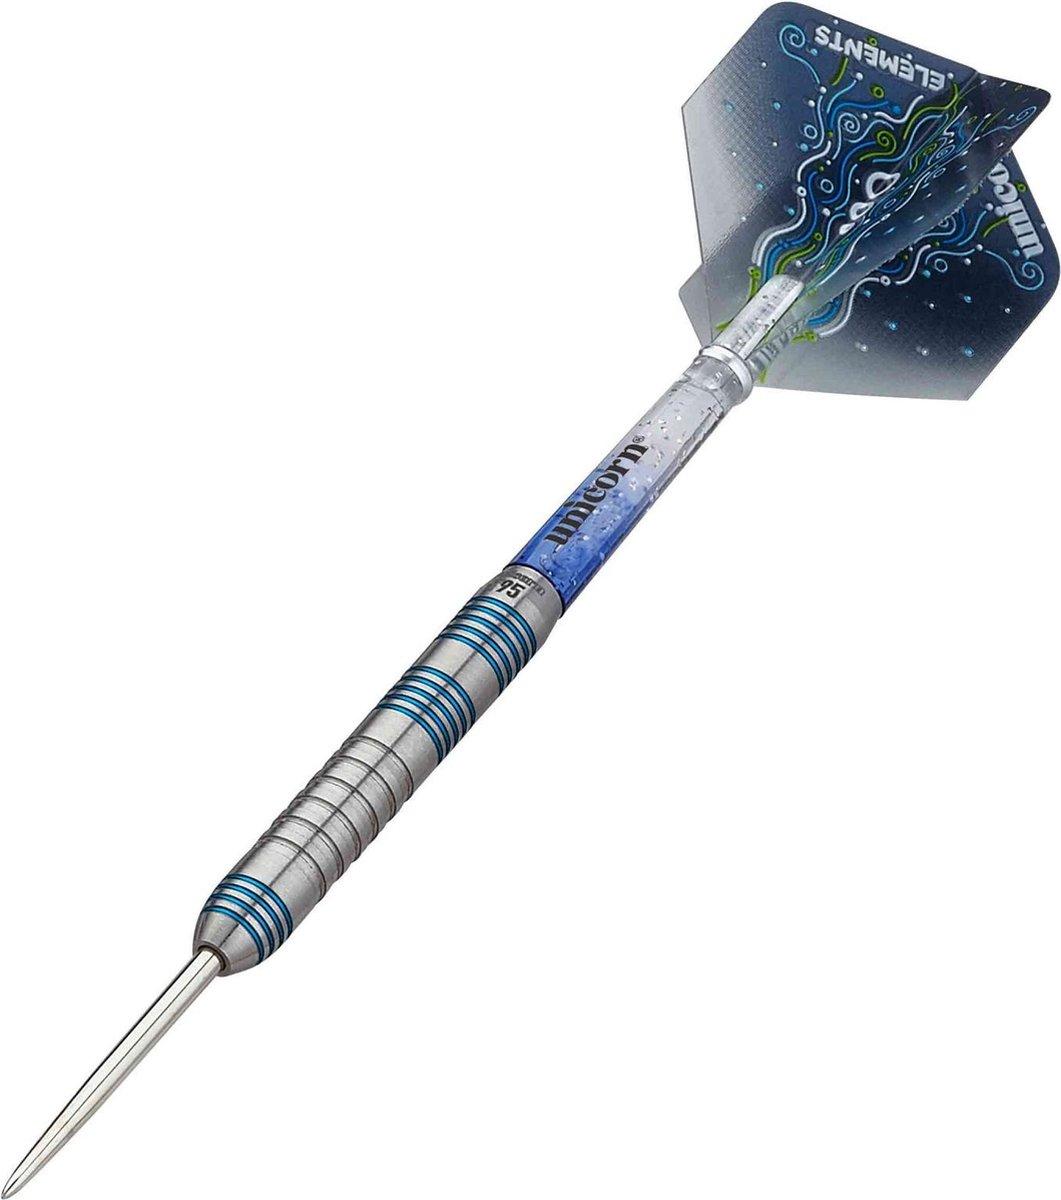 Unicorn Dartpijlen Core Xl T95 Steeltip 23g Tungsten Zilver